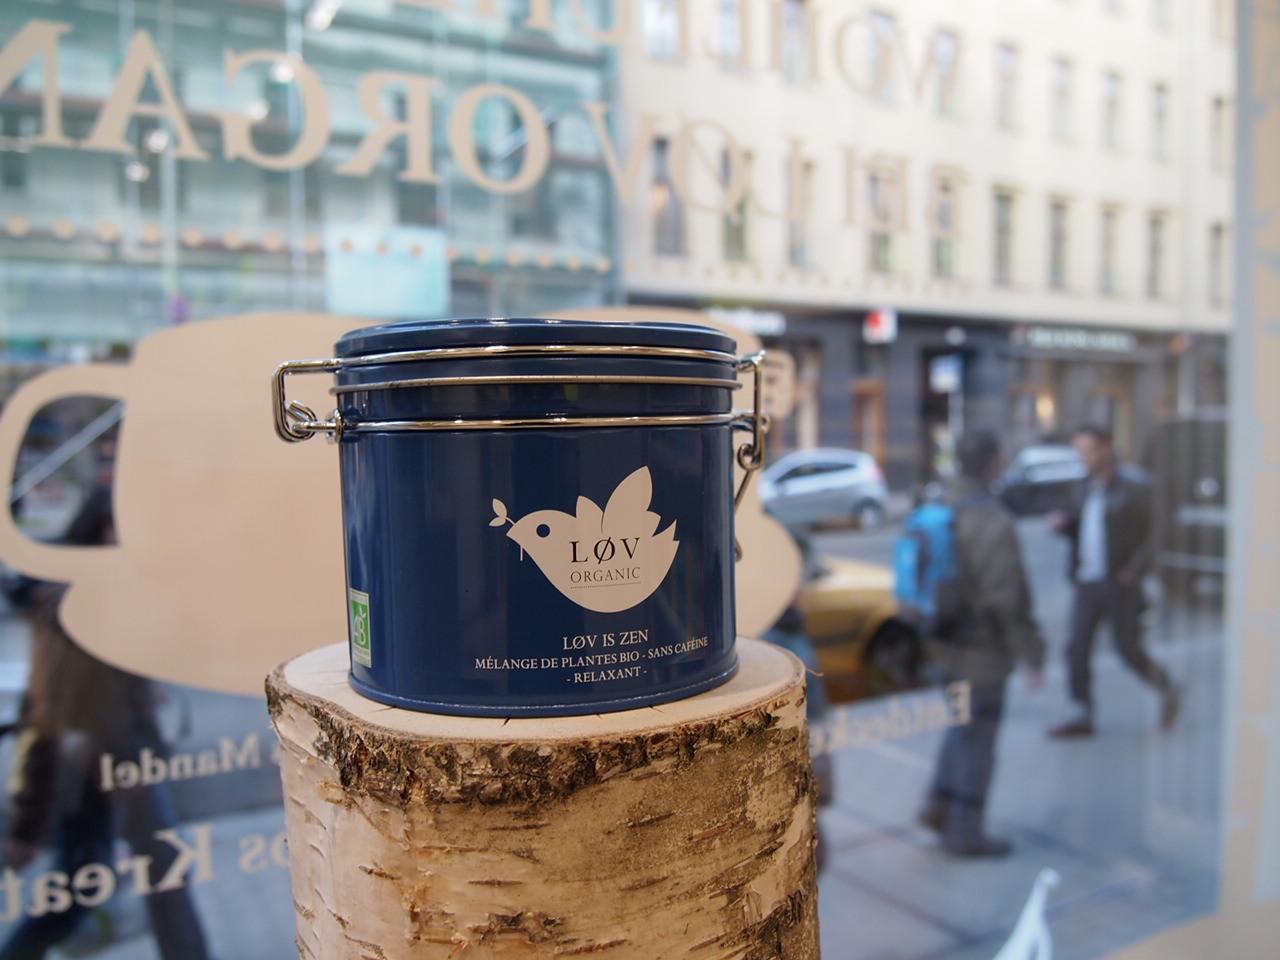 ドイツの紅茶が美味い!ベルリンの紅茶店でオーガニックティーを注文してみた!